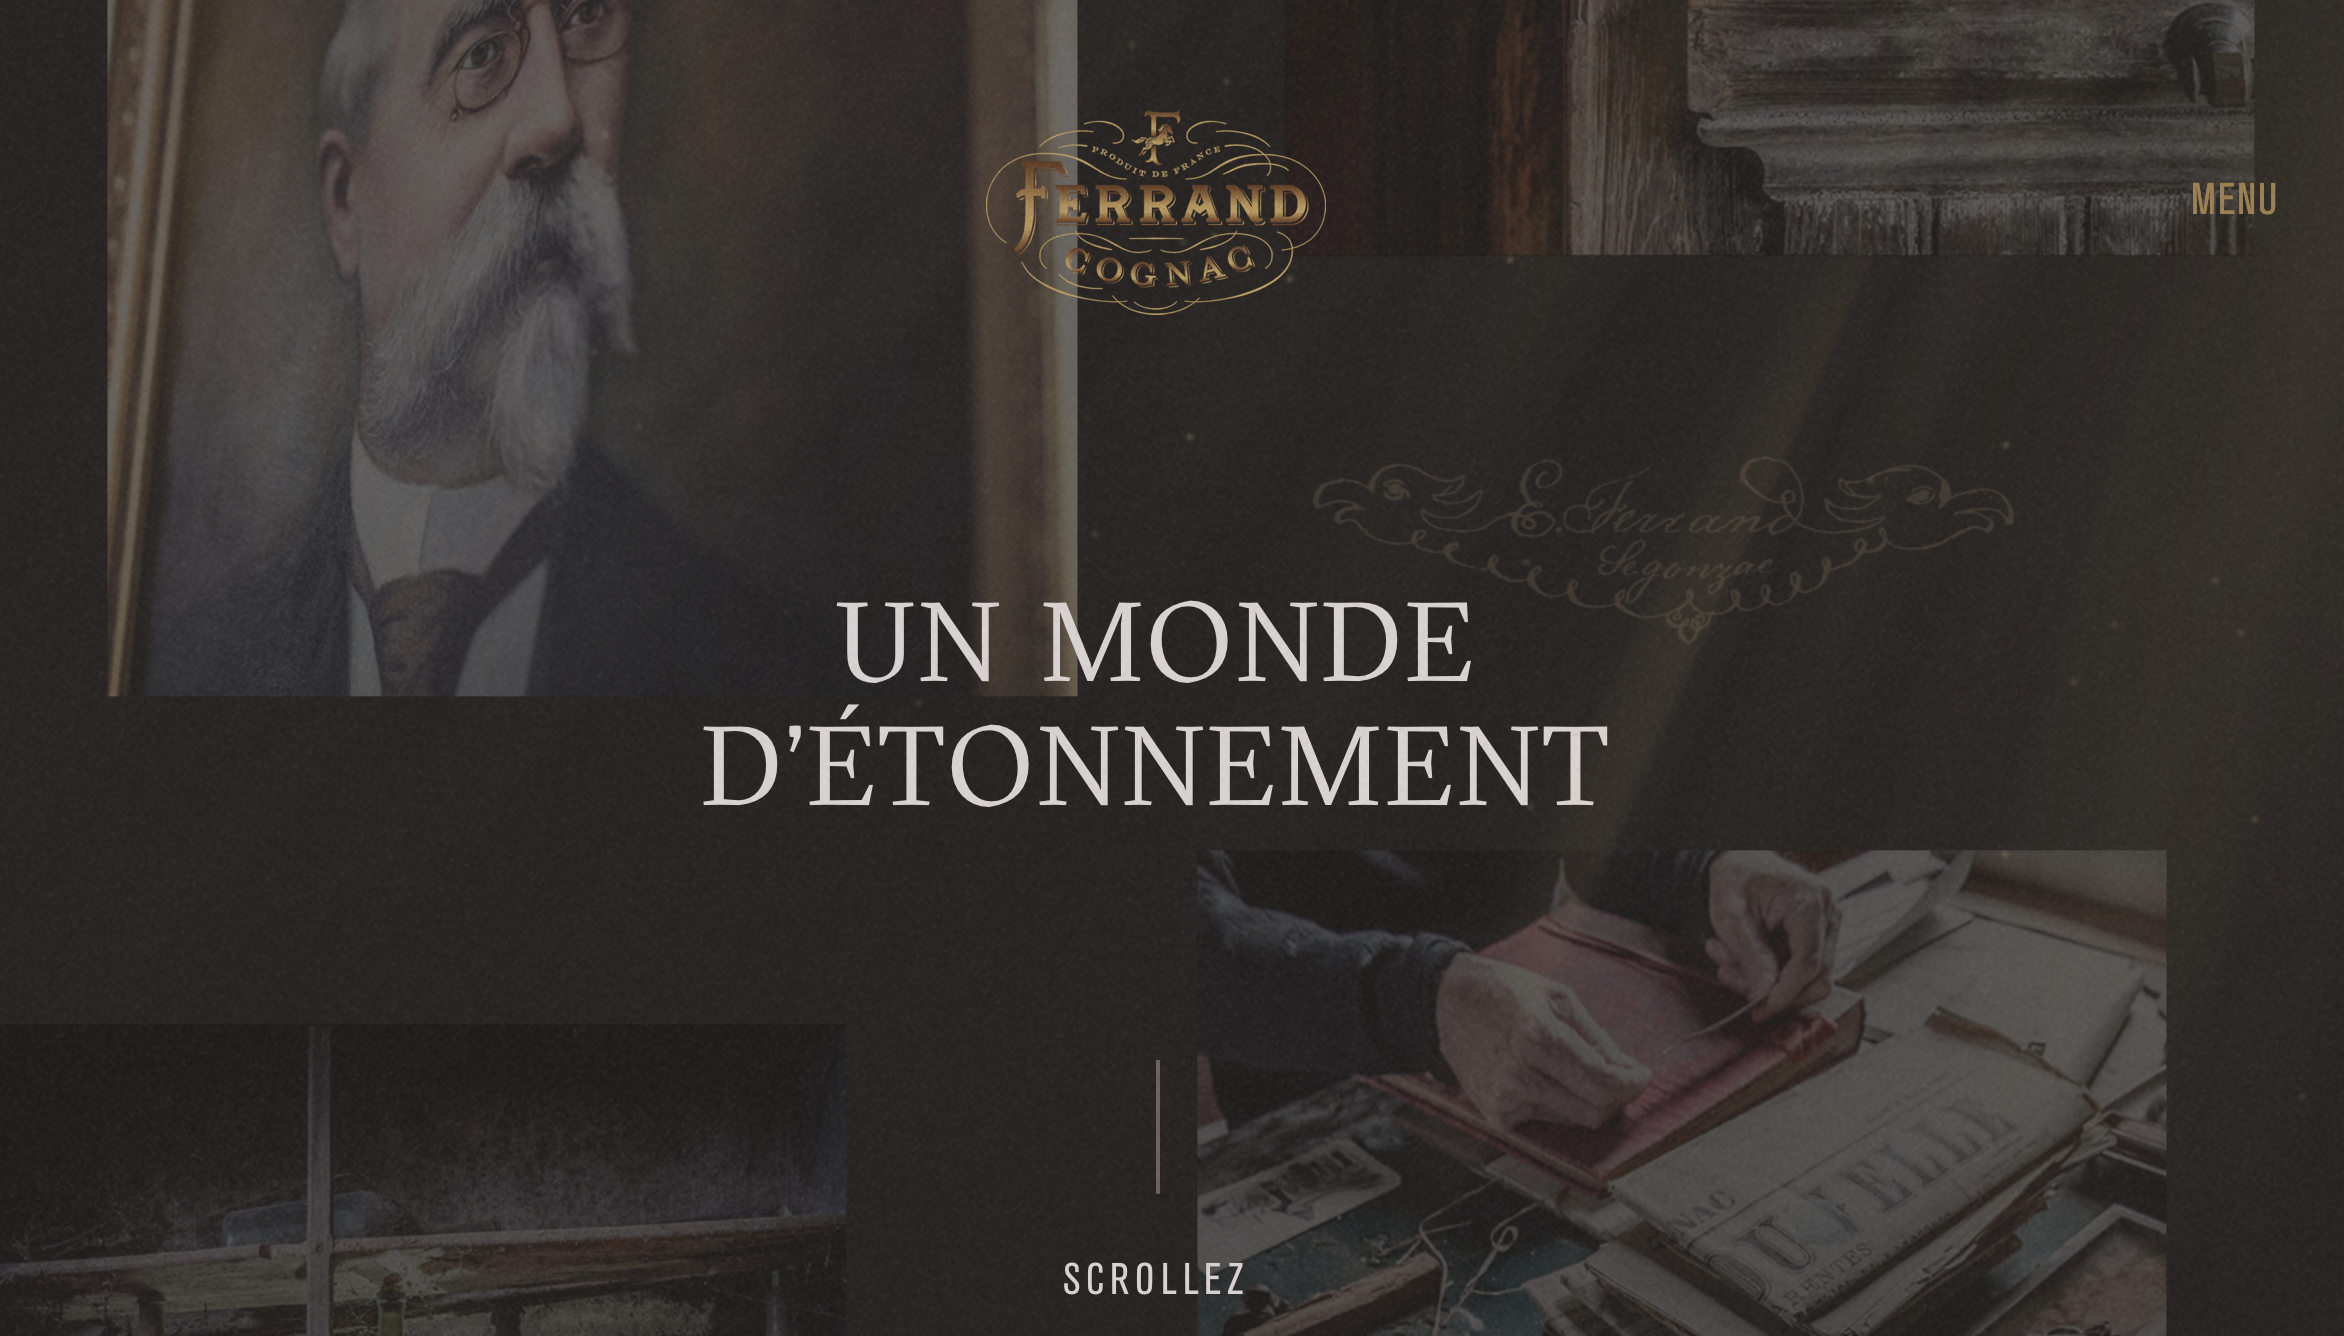 Ferrand Cognac